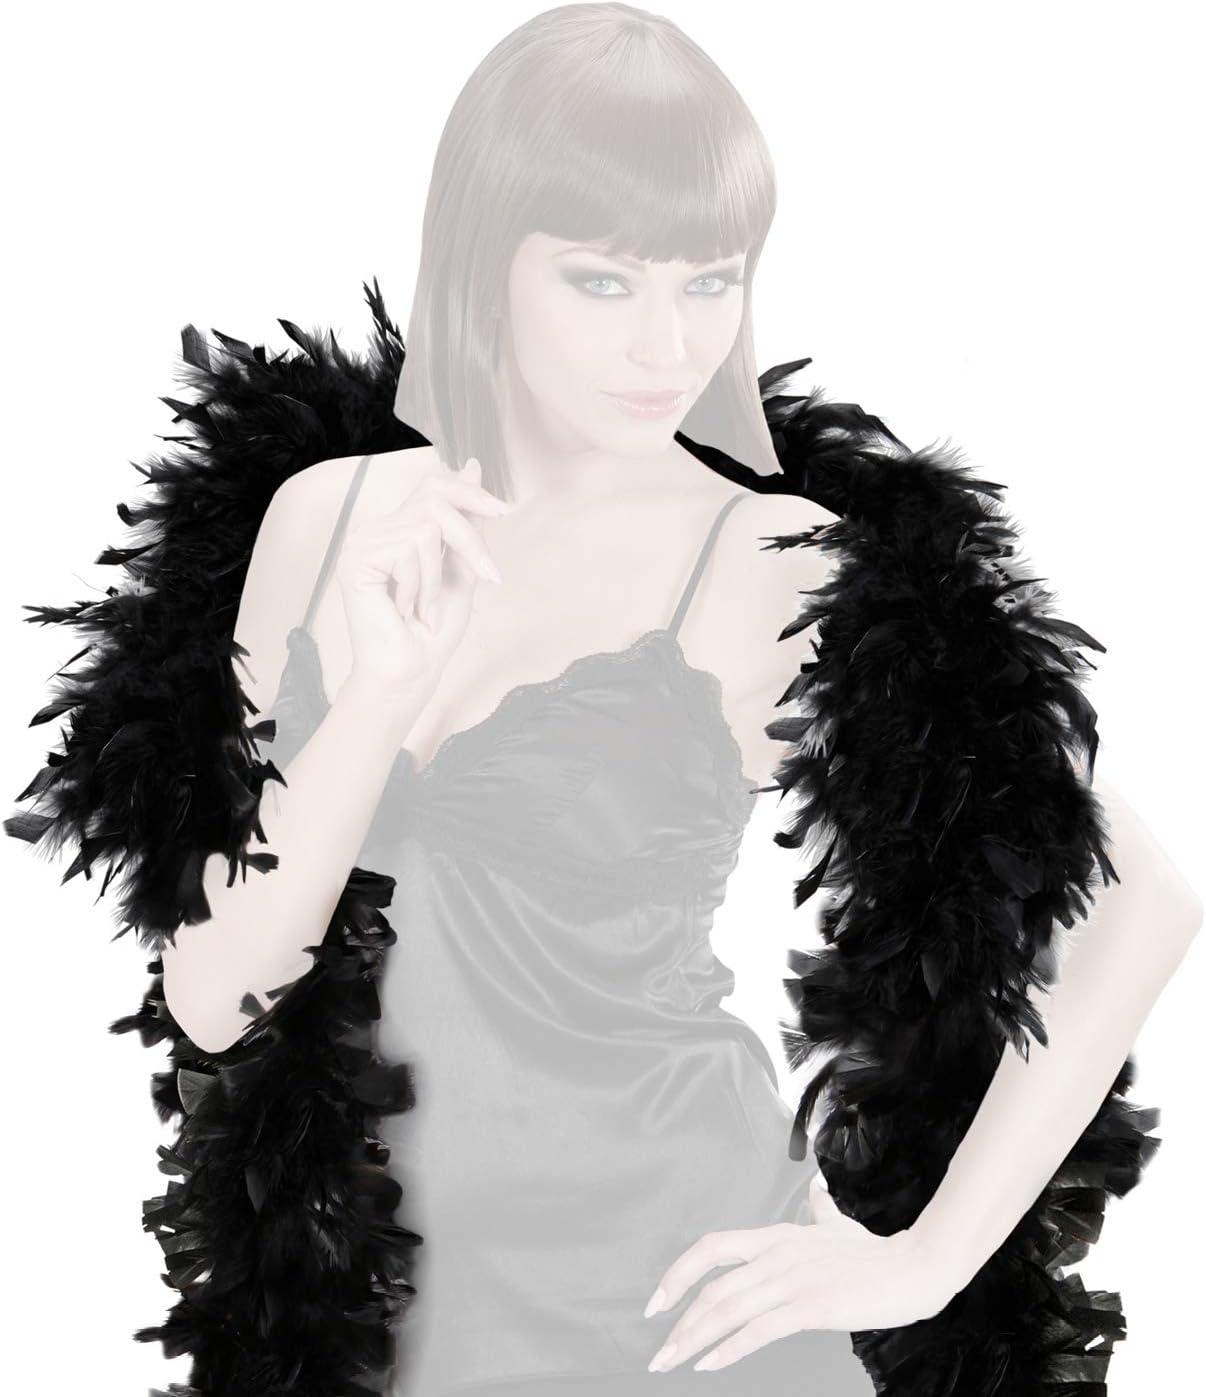 com-four® Disfraces Retro Disfraz de Mujer de los años 20 y Varias Extensiones - Look Charleston - Vestido de Lentejuelas Flecos Vintage, Boa Plumas, Collar Perlas, Pelucas (01 Pieza - Set 09)